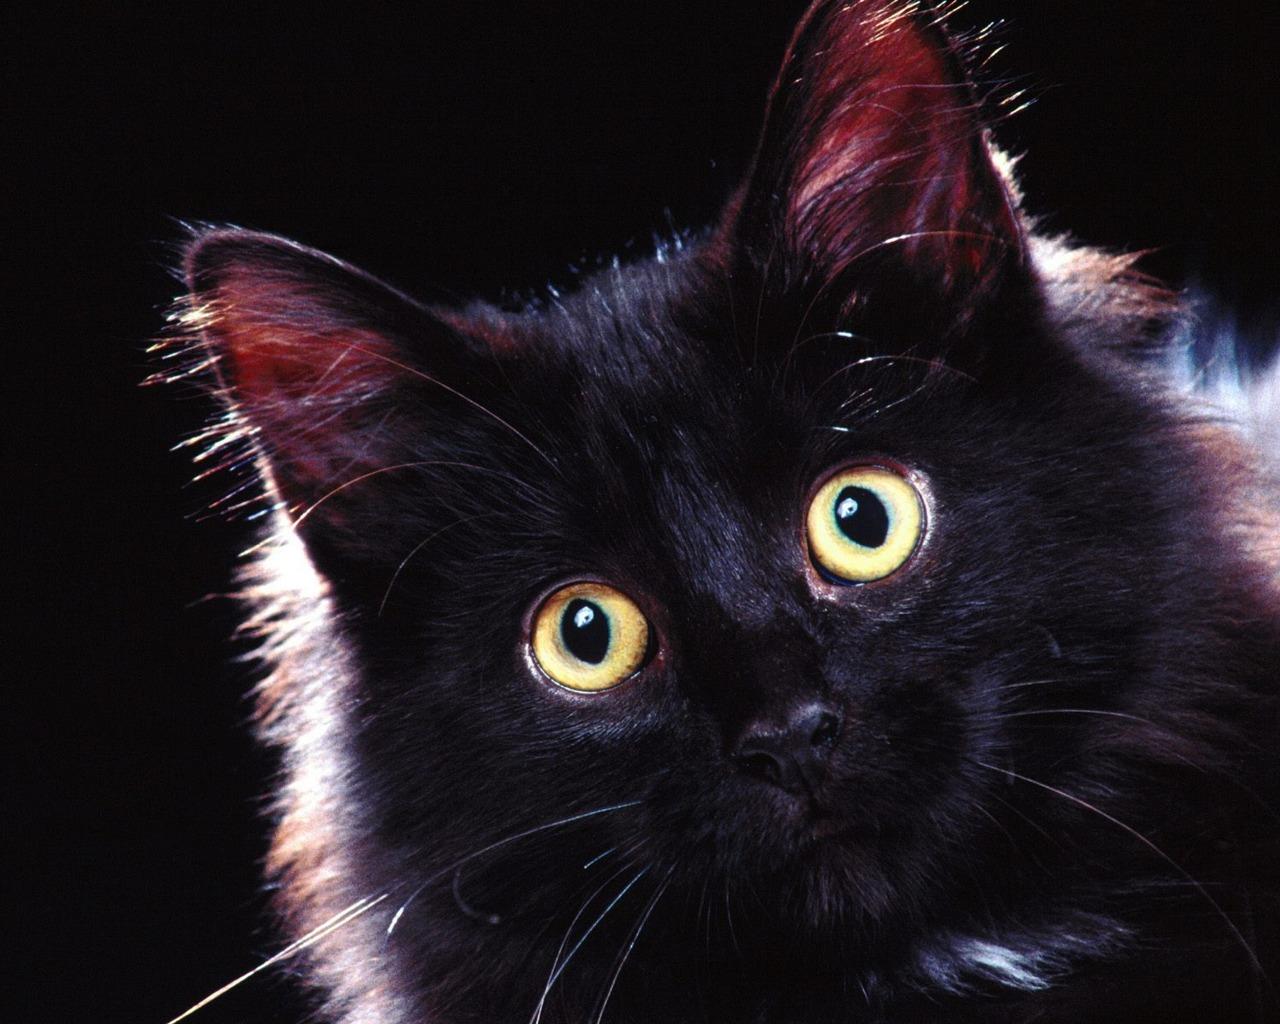 Black Beautiful Cute Cat